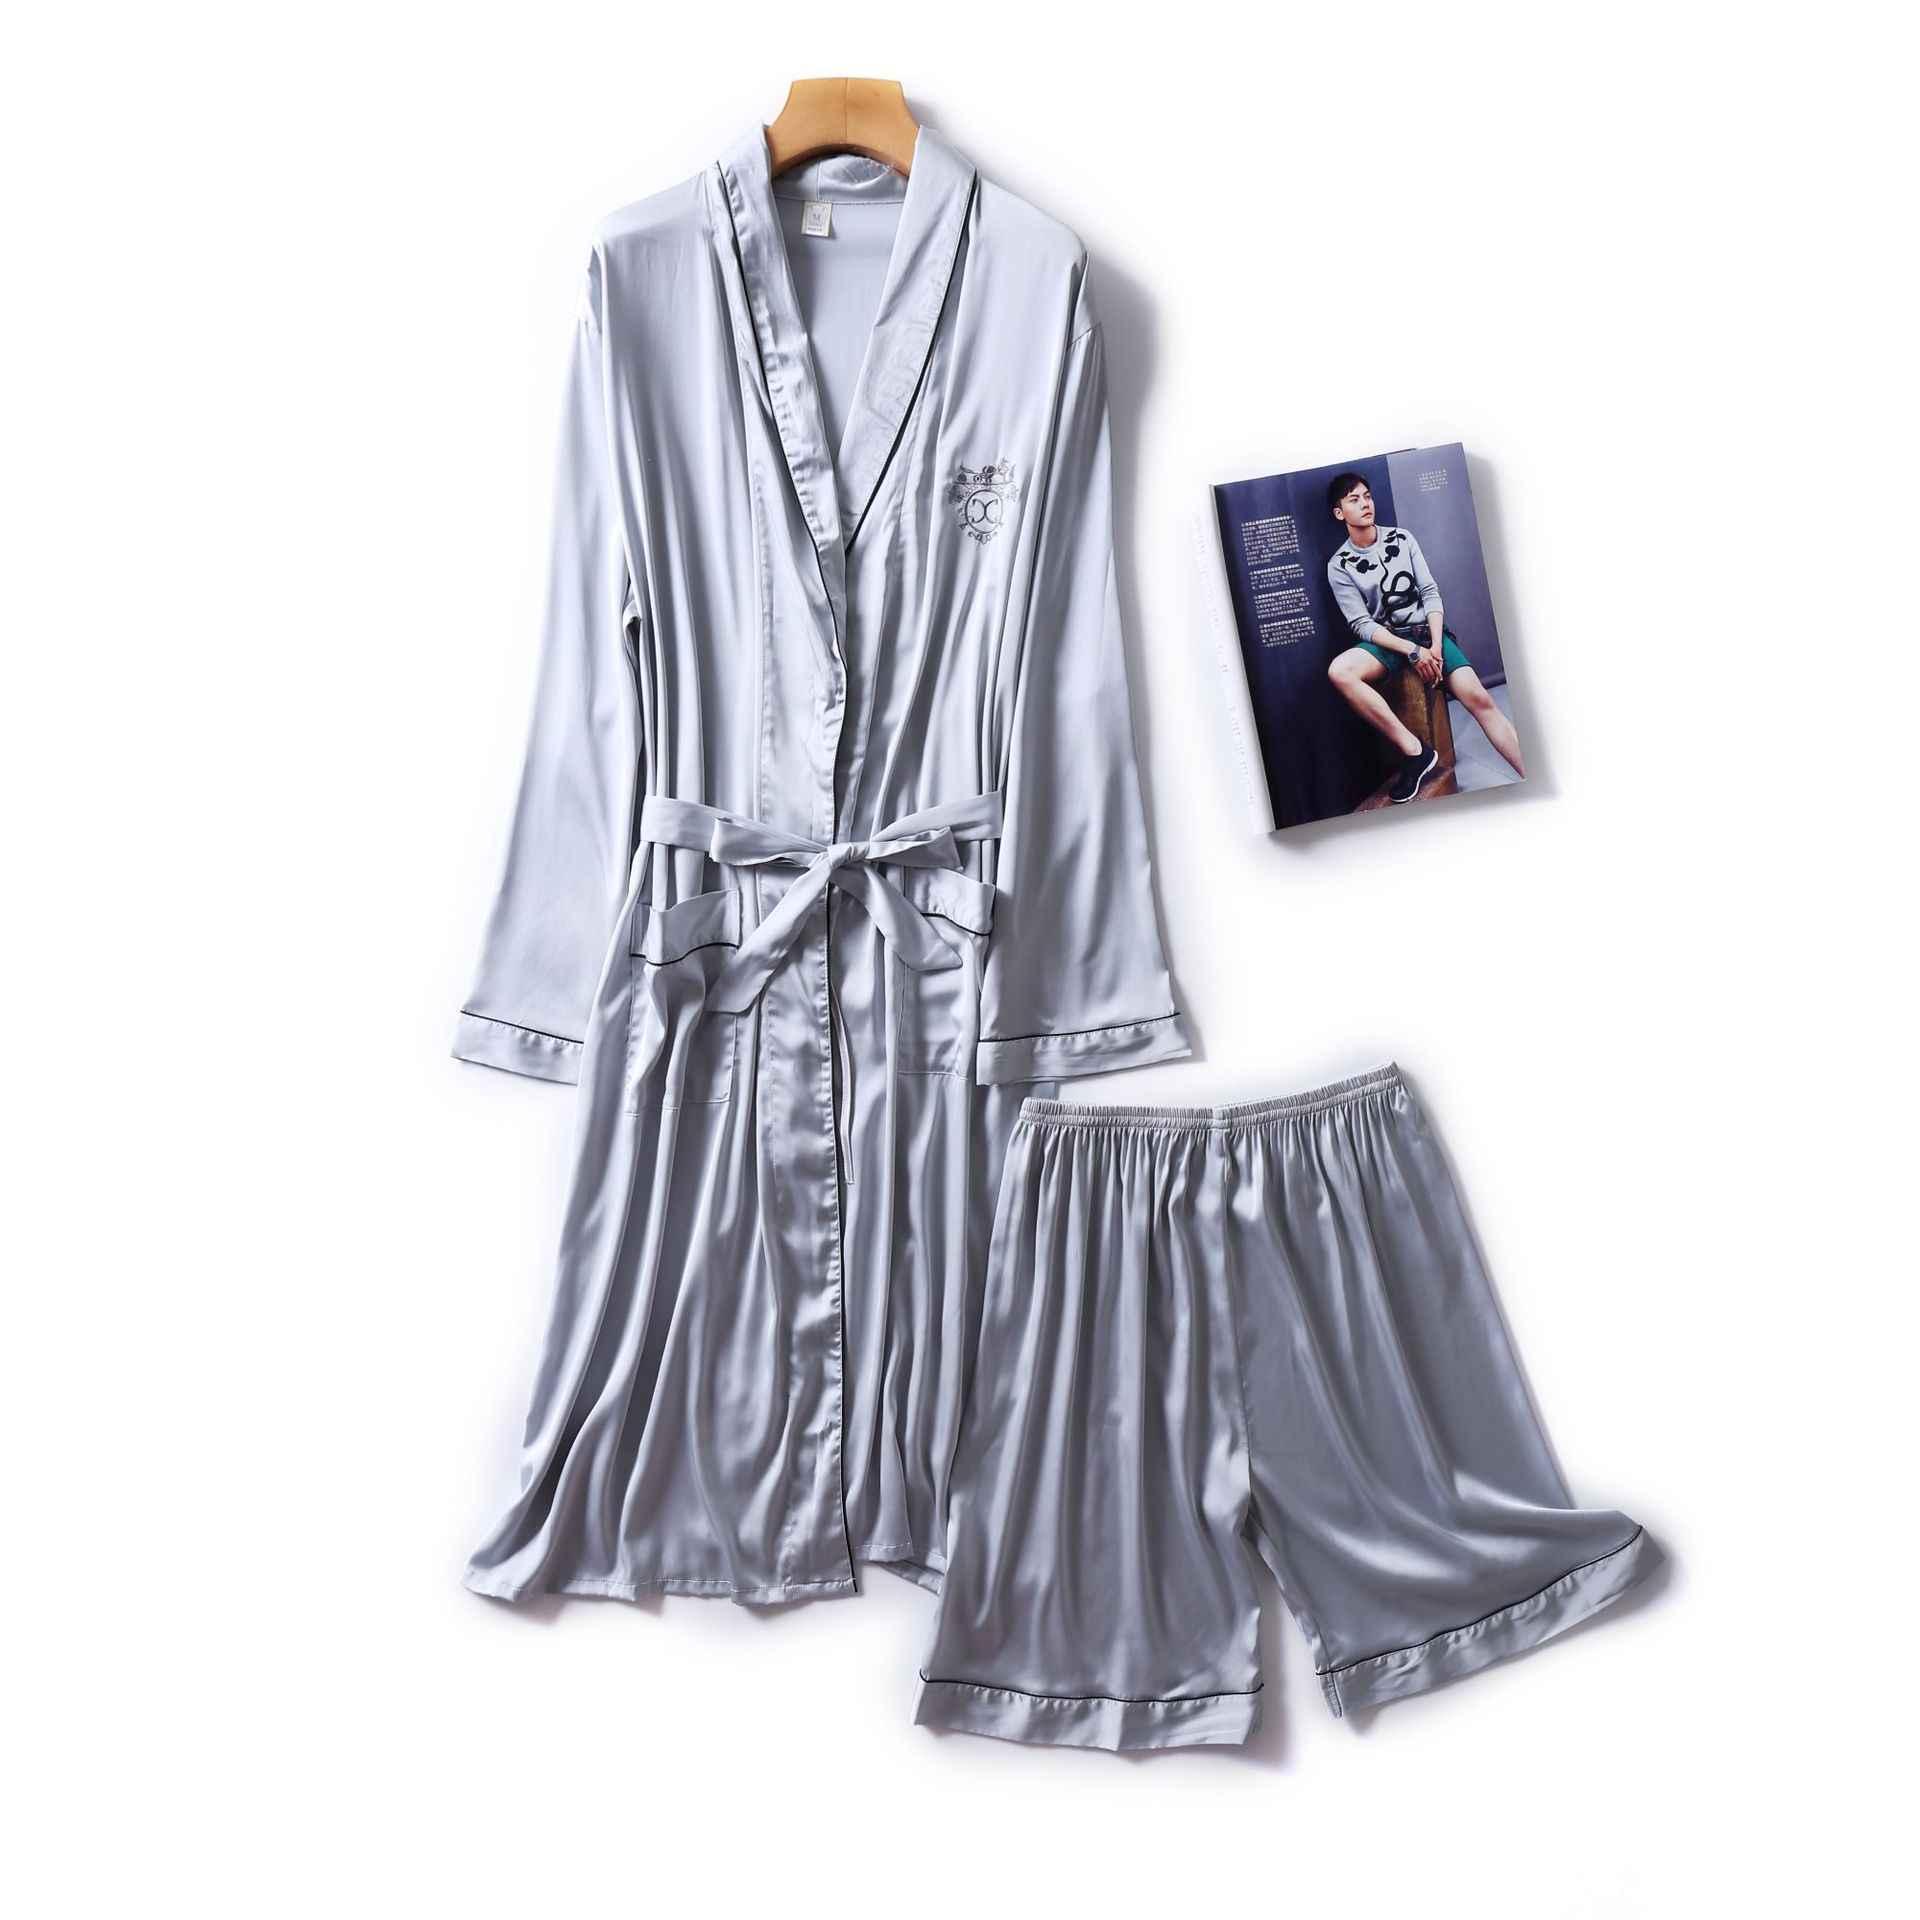 Темно-синий мужской Халат Короткие штаны Пижама Костюм Весенний комплект одежды для сна из двух предметов Повседневная Домашняя одежда ночное кимоно для сна банное платье